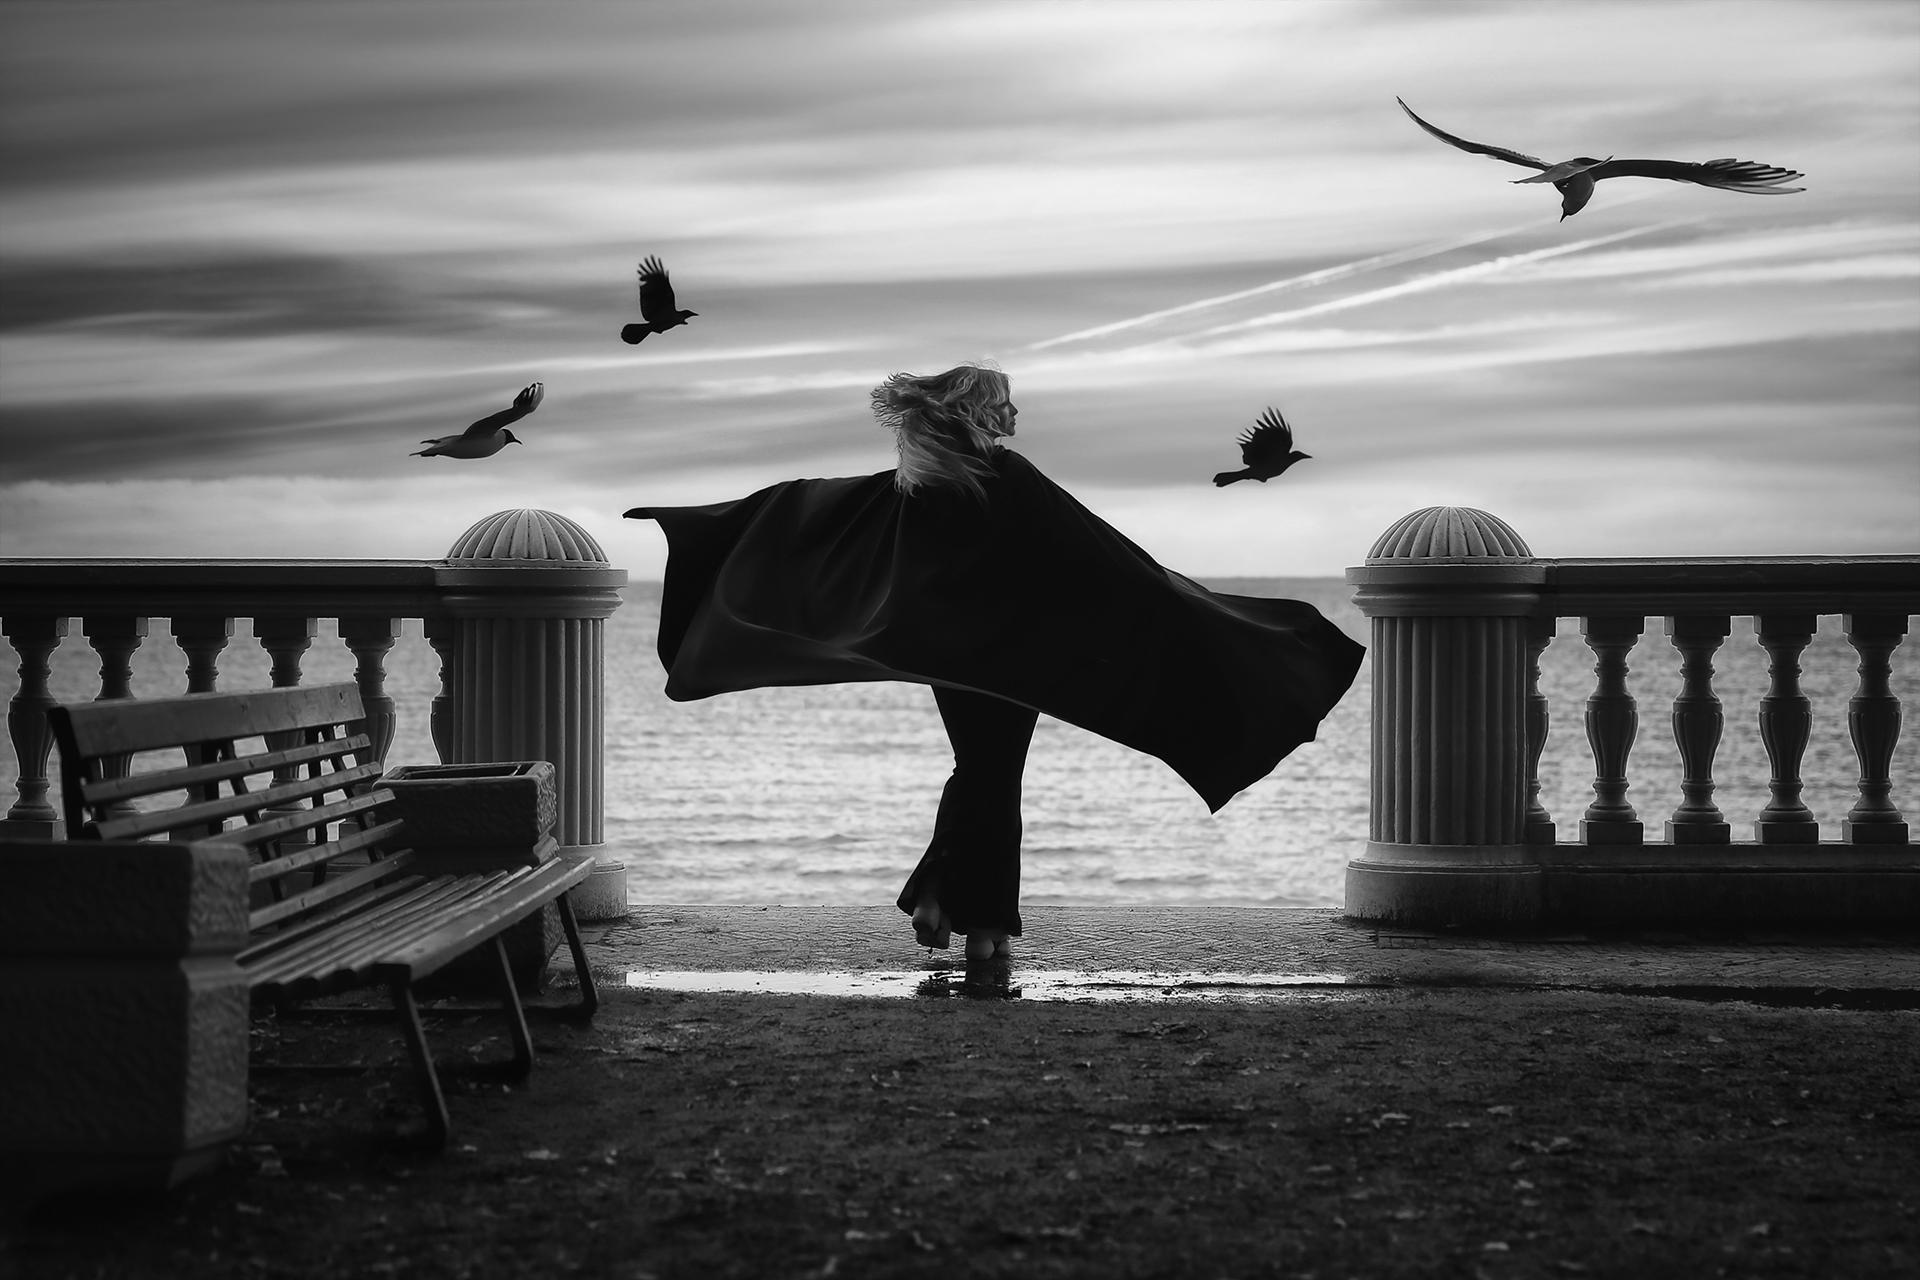 Alla Sokolova (Russia) - Fly away